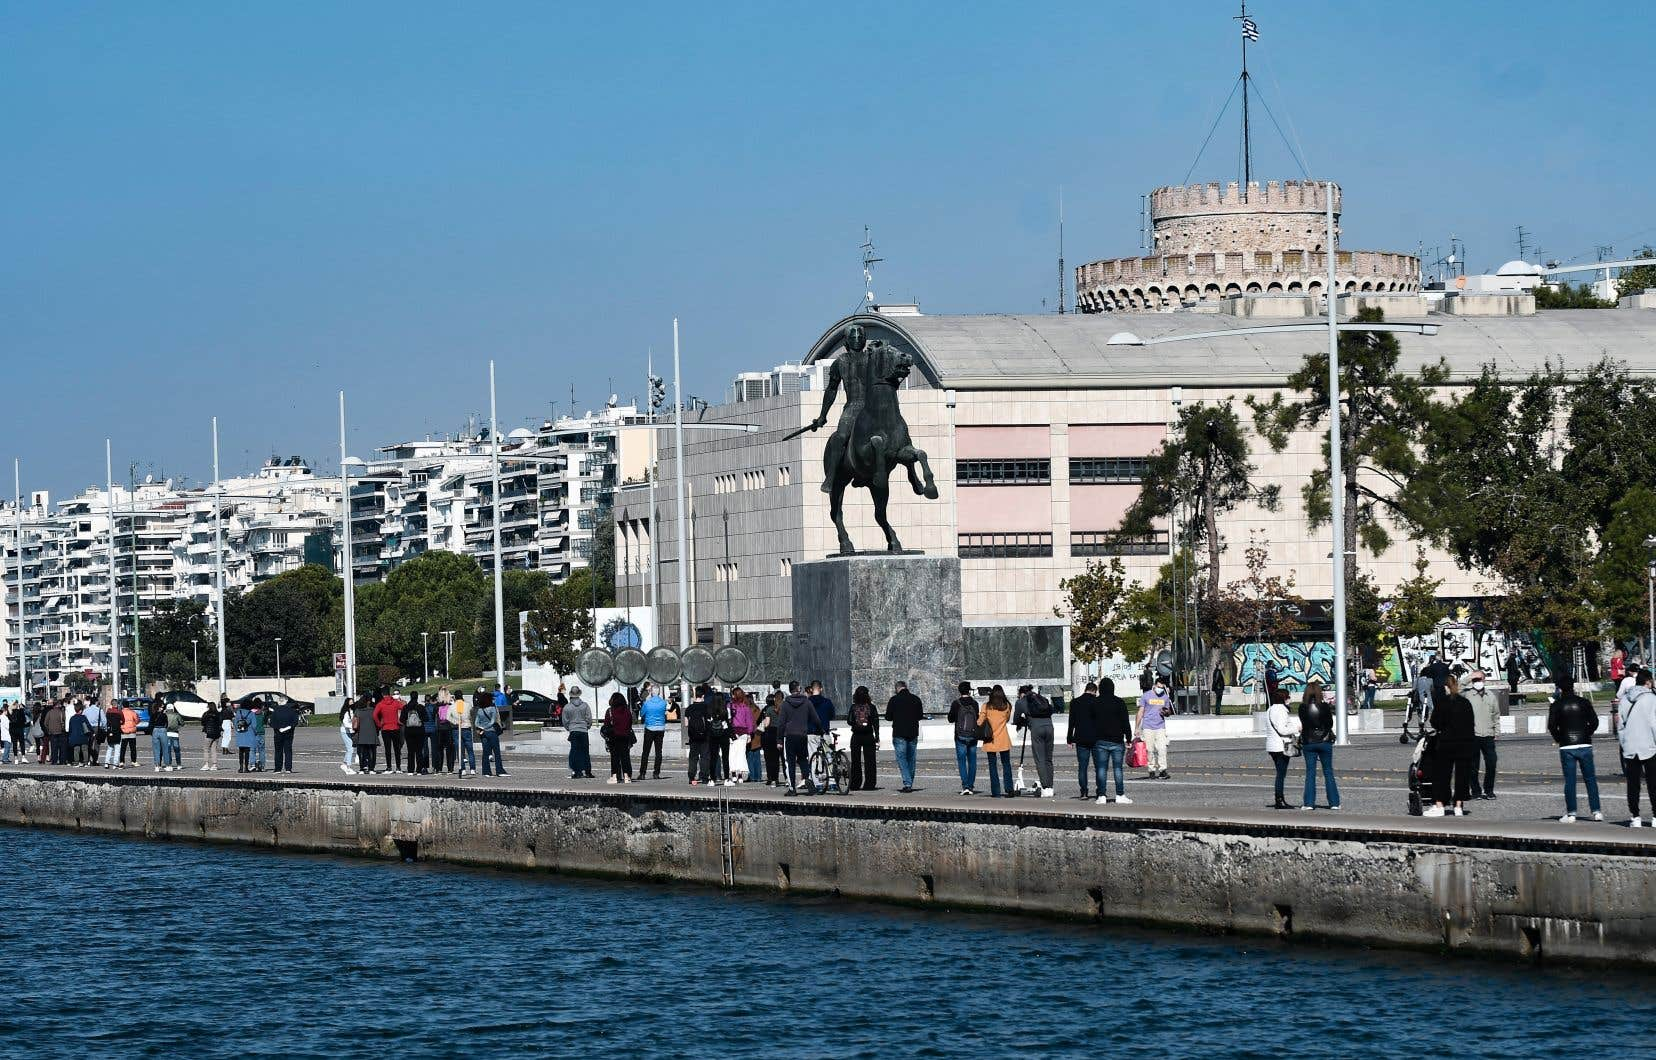 Des gens faisaient la file, jeudi, pour se soumettre au test de dépistage rapide de la COVID-19 à Thessalonique, en Grèce.